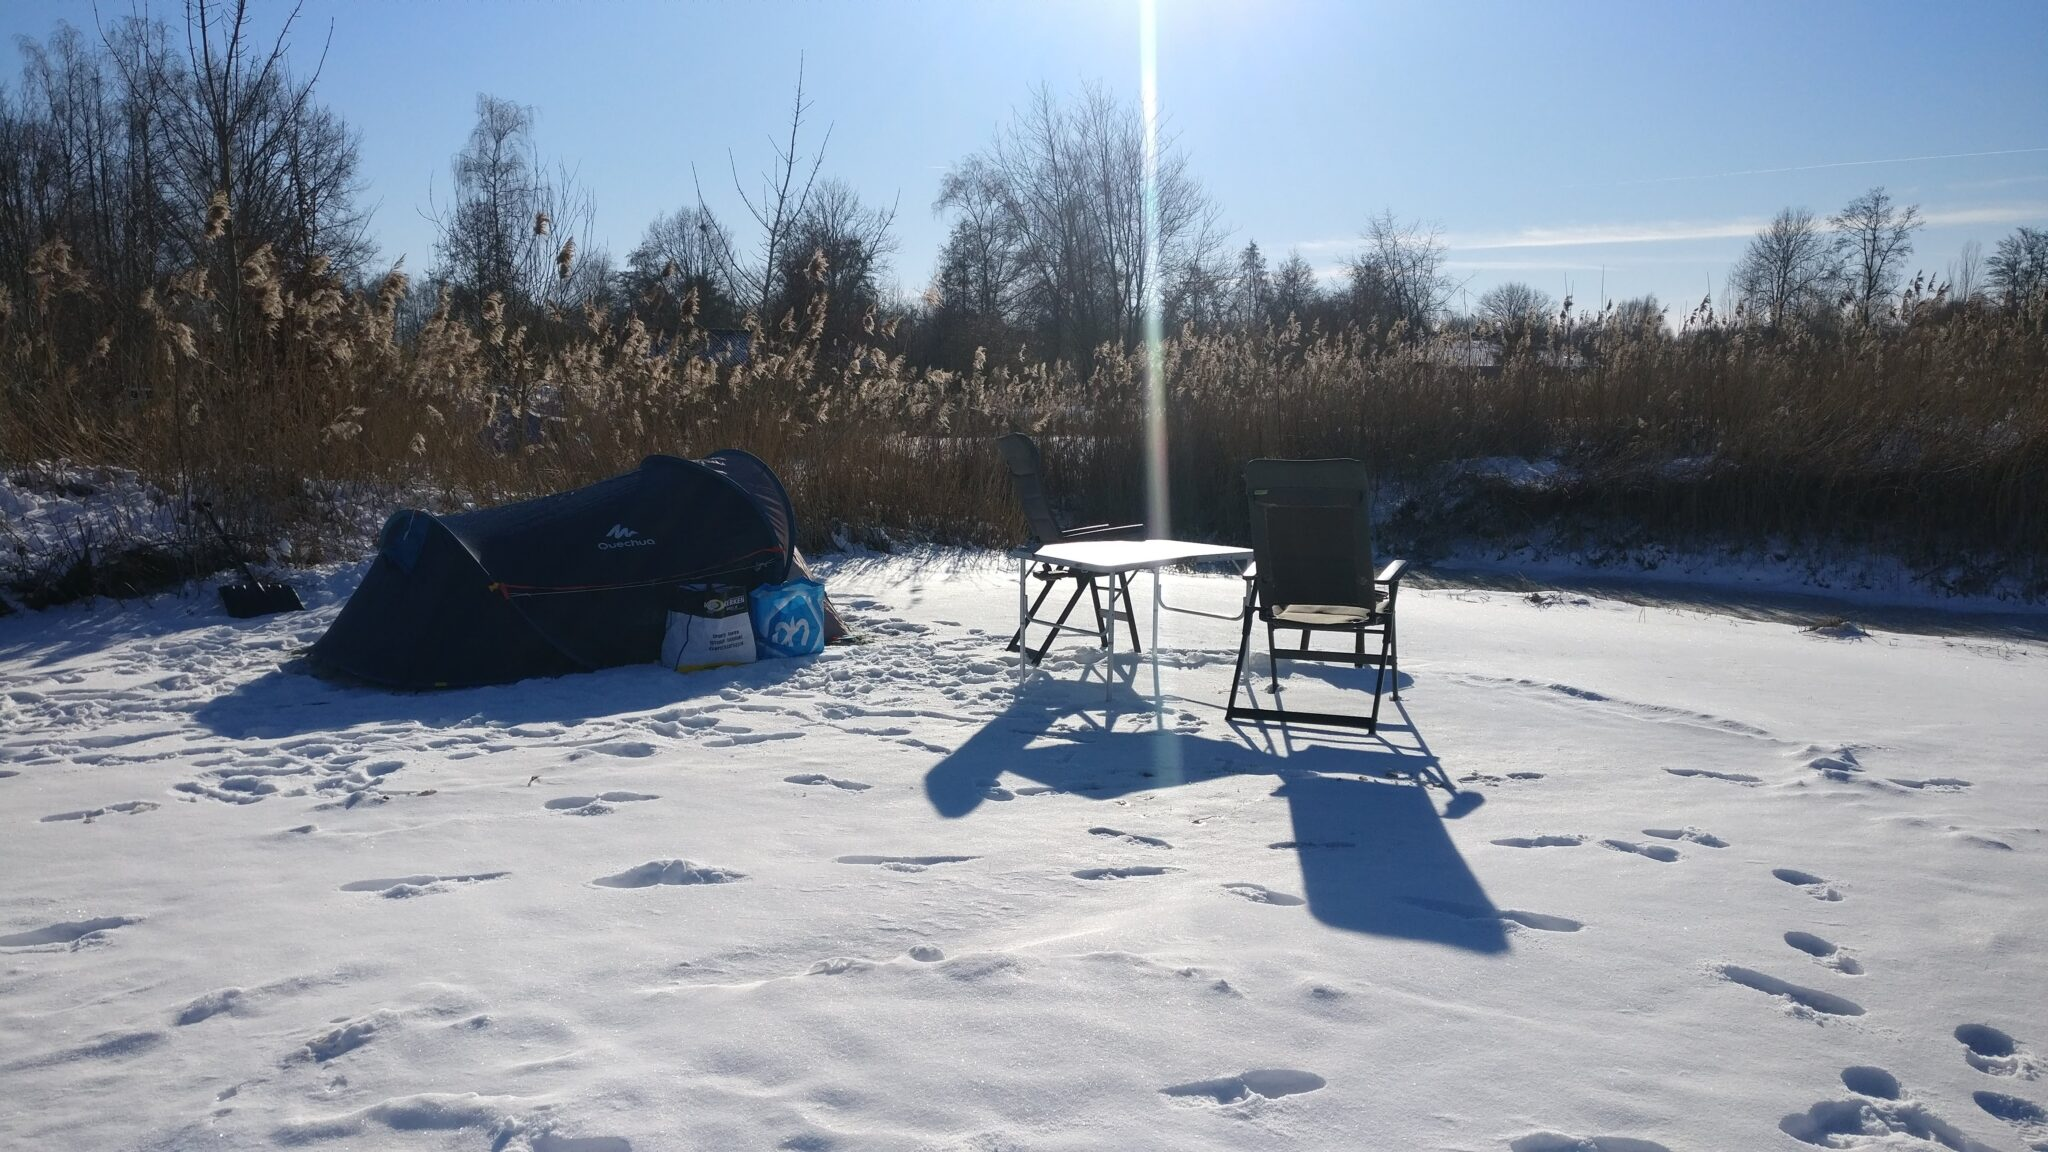 Pop-up avonturen: Winterkamperen en wintersporten in Nederland